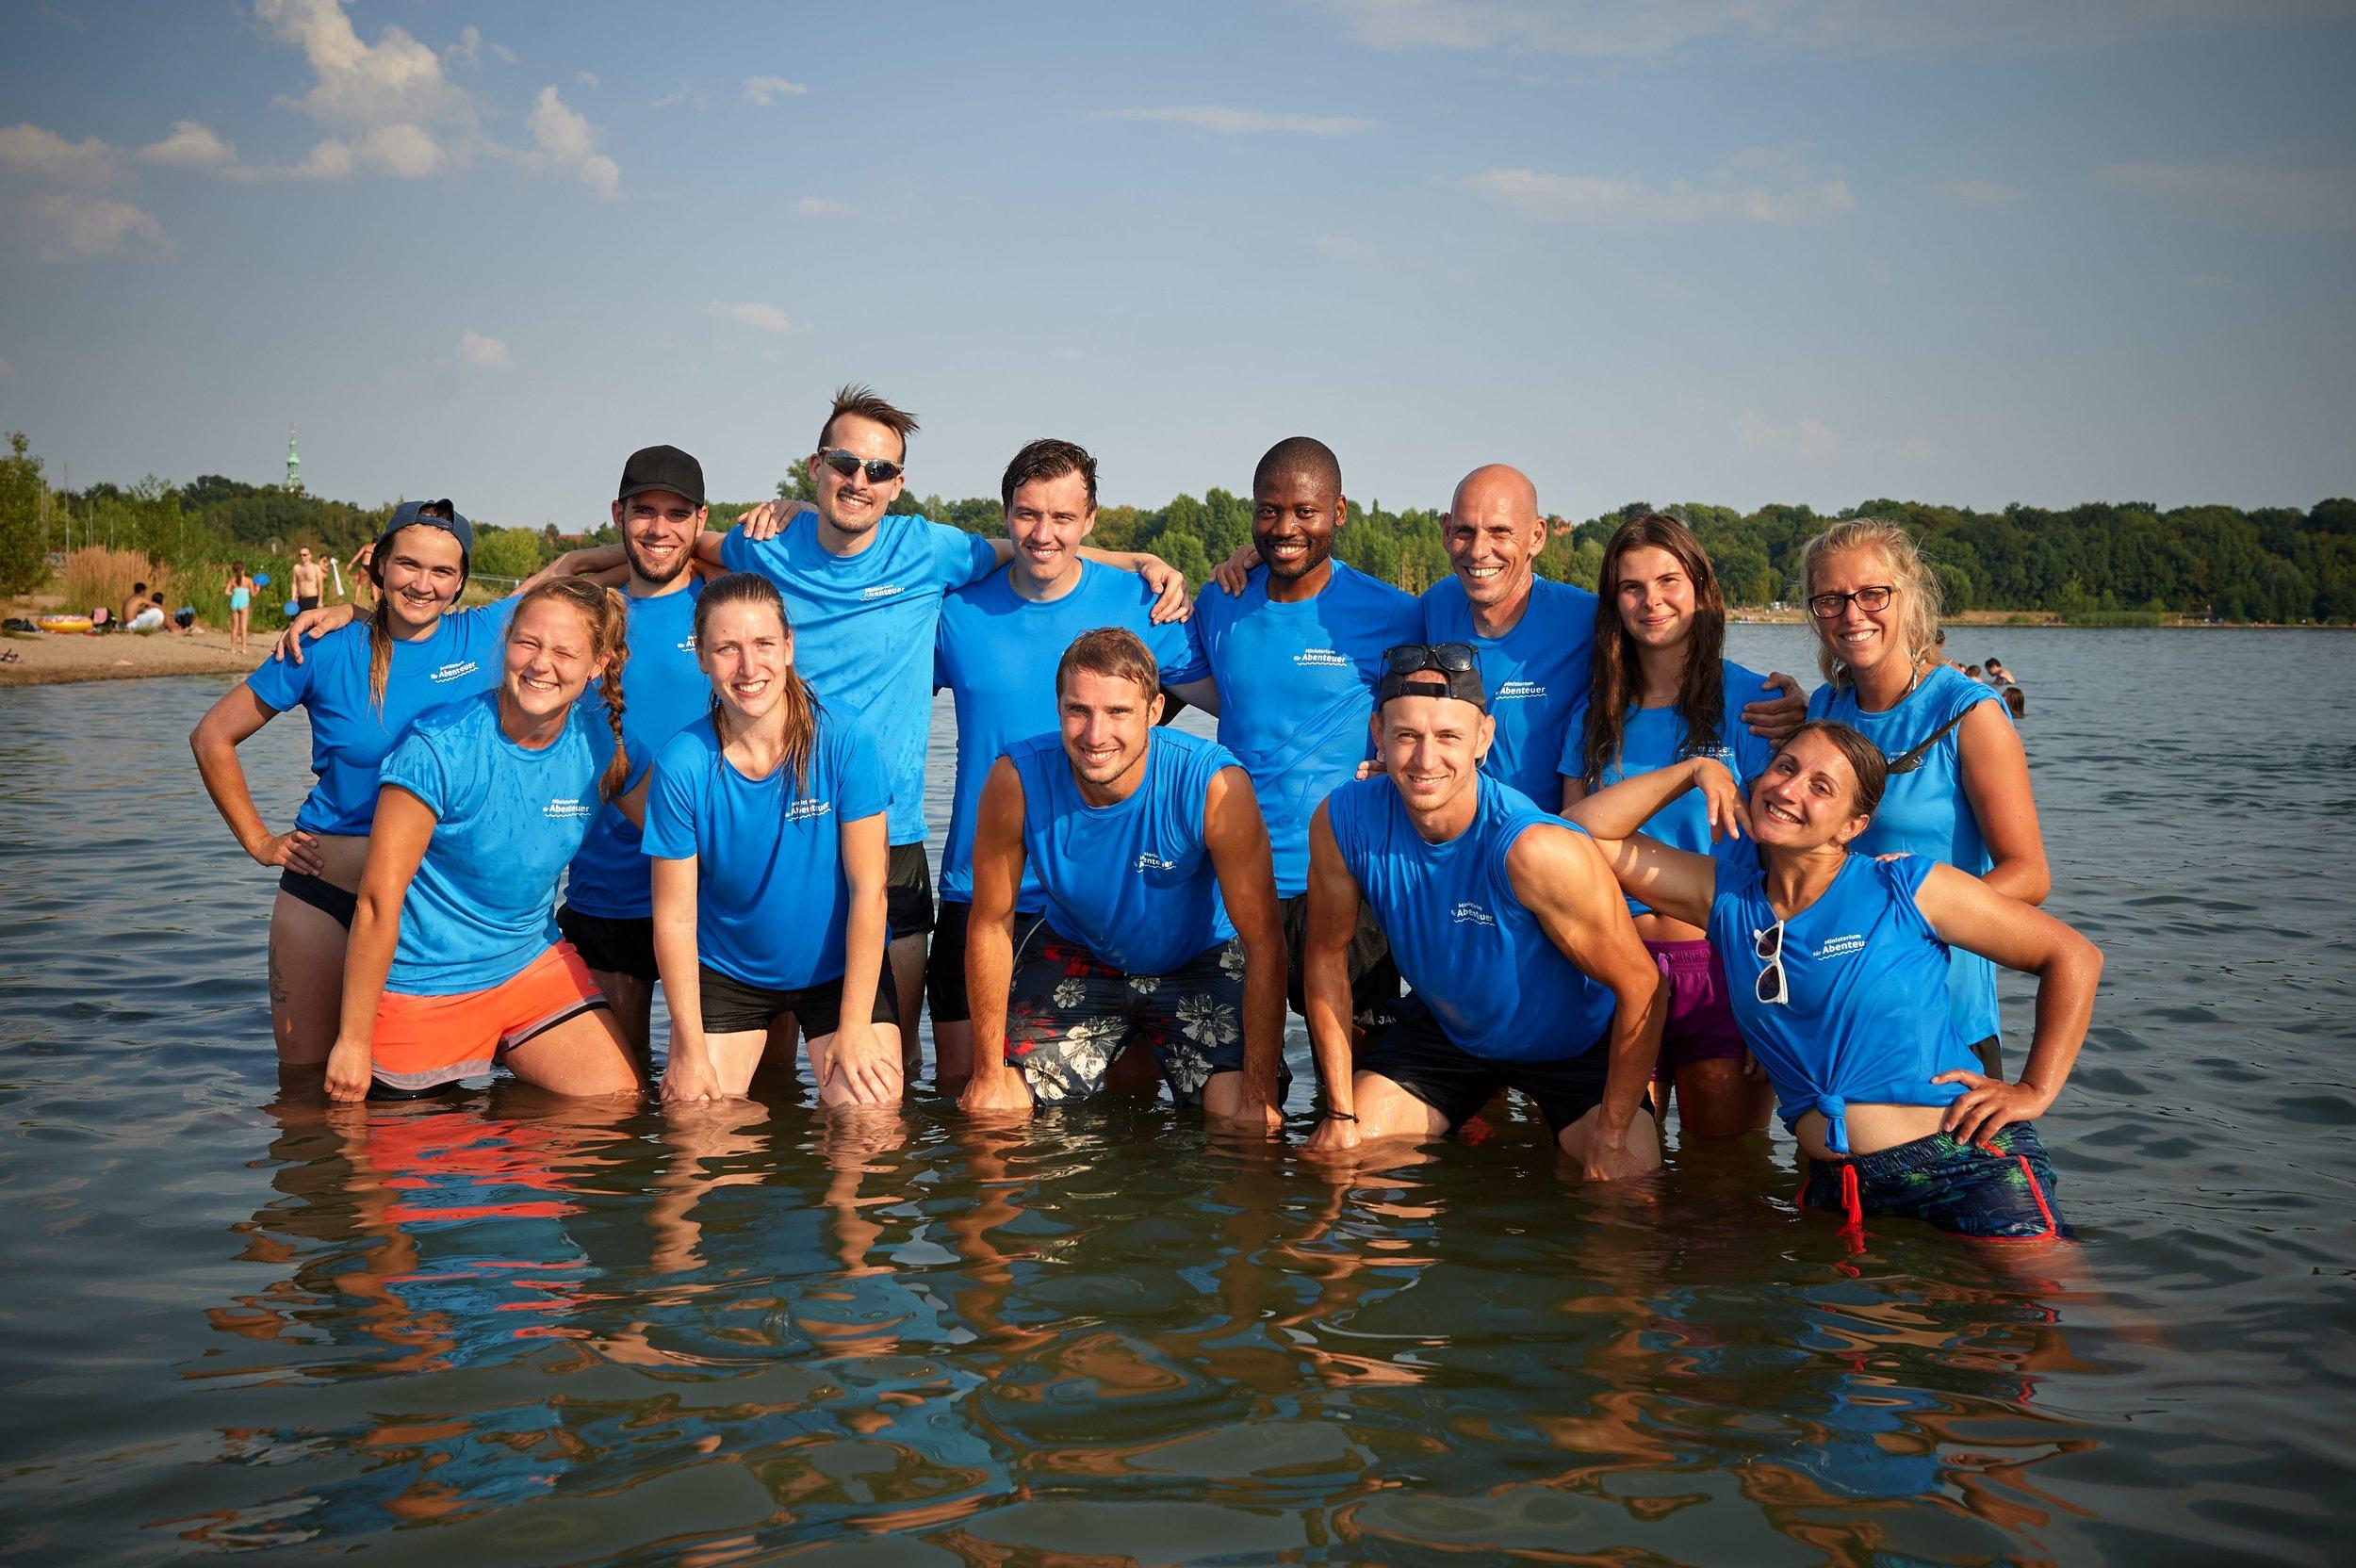 team_watersport_kids_games 185-min.jpg